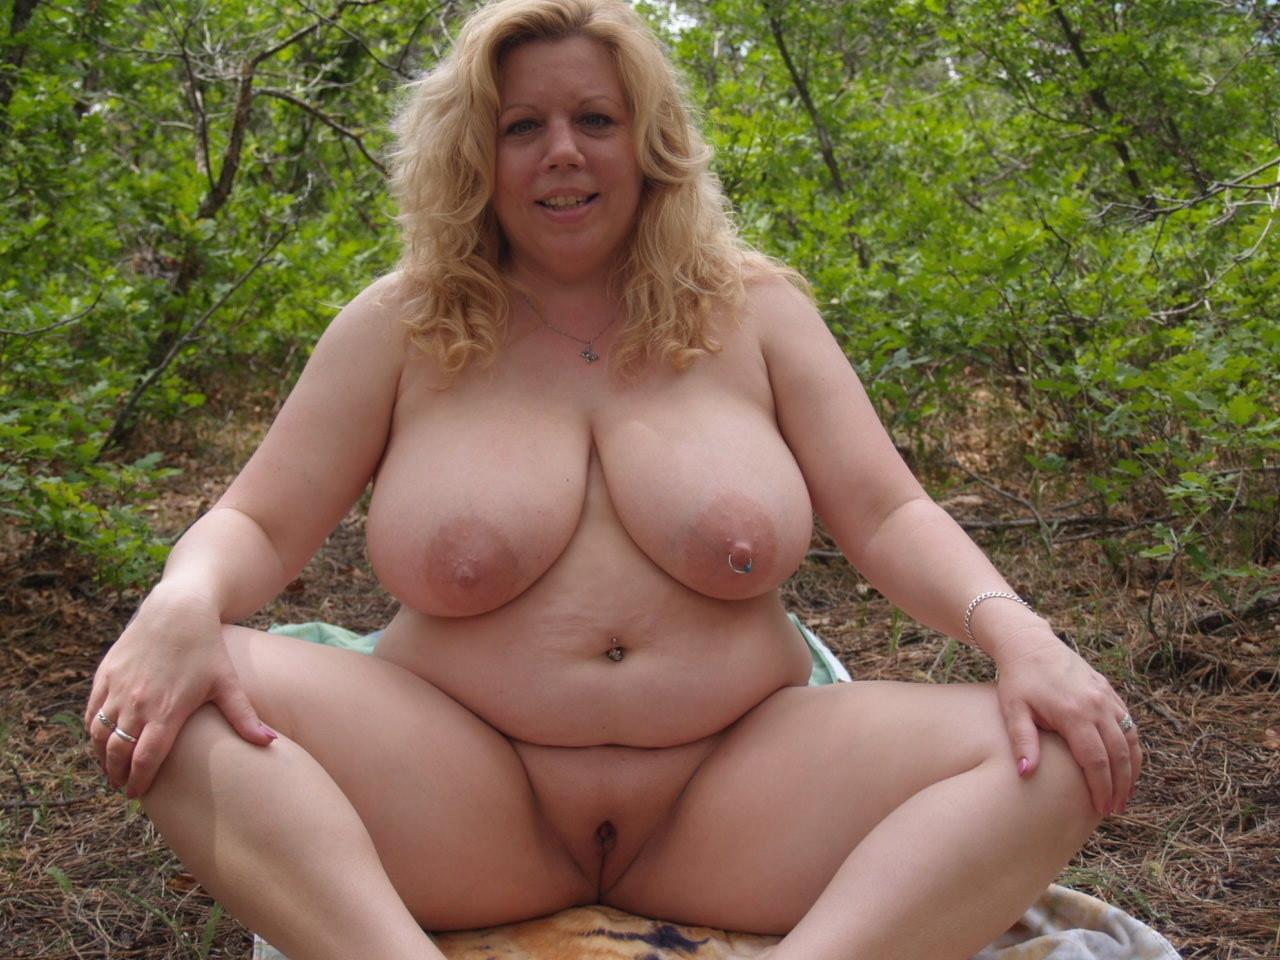 Фото голые крупные бабы, голые бабы ххх фото голых баб смотреть бесплатно 9 фотография